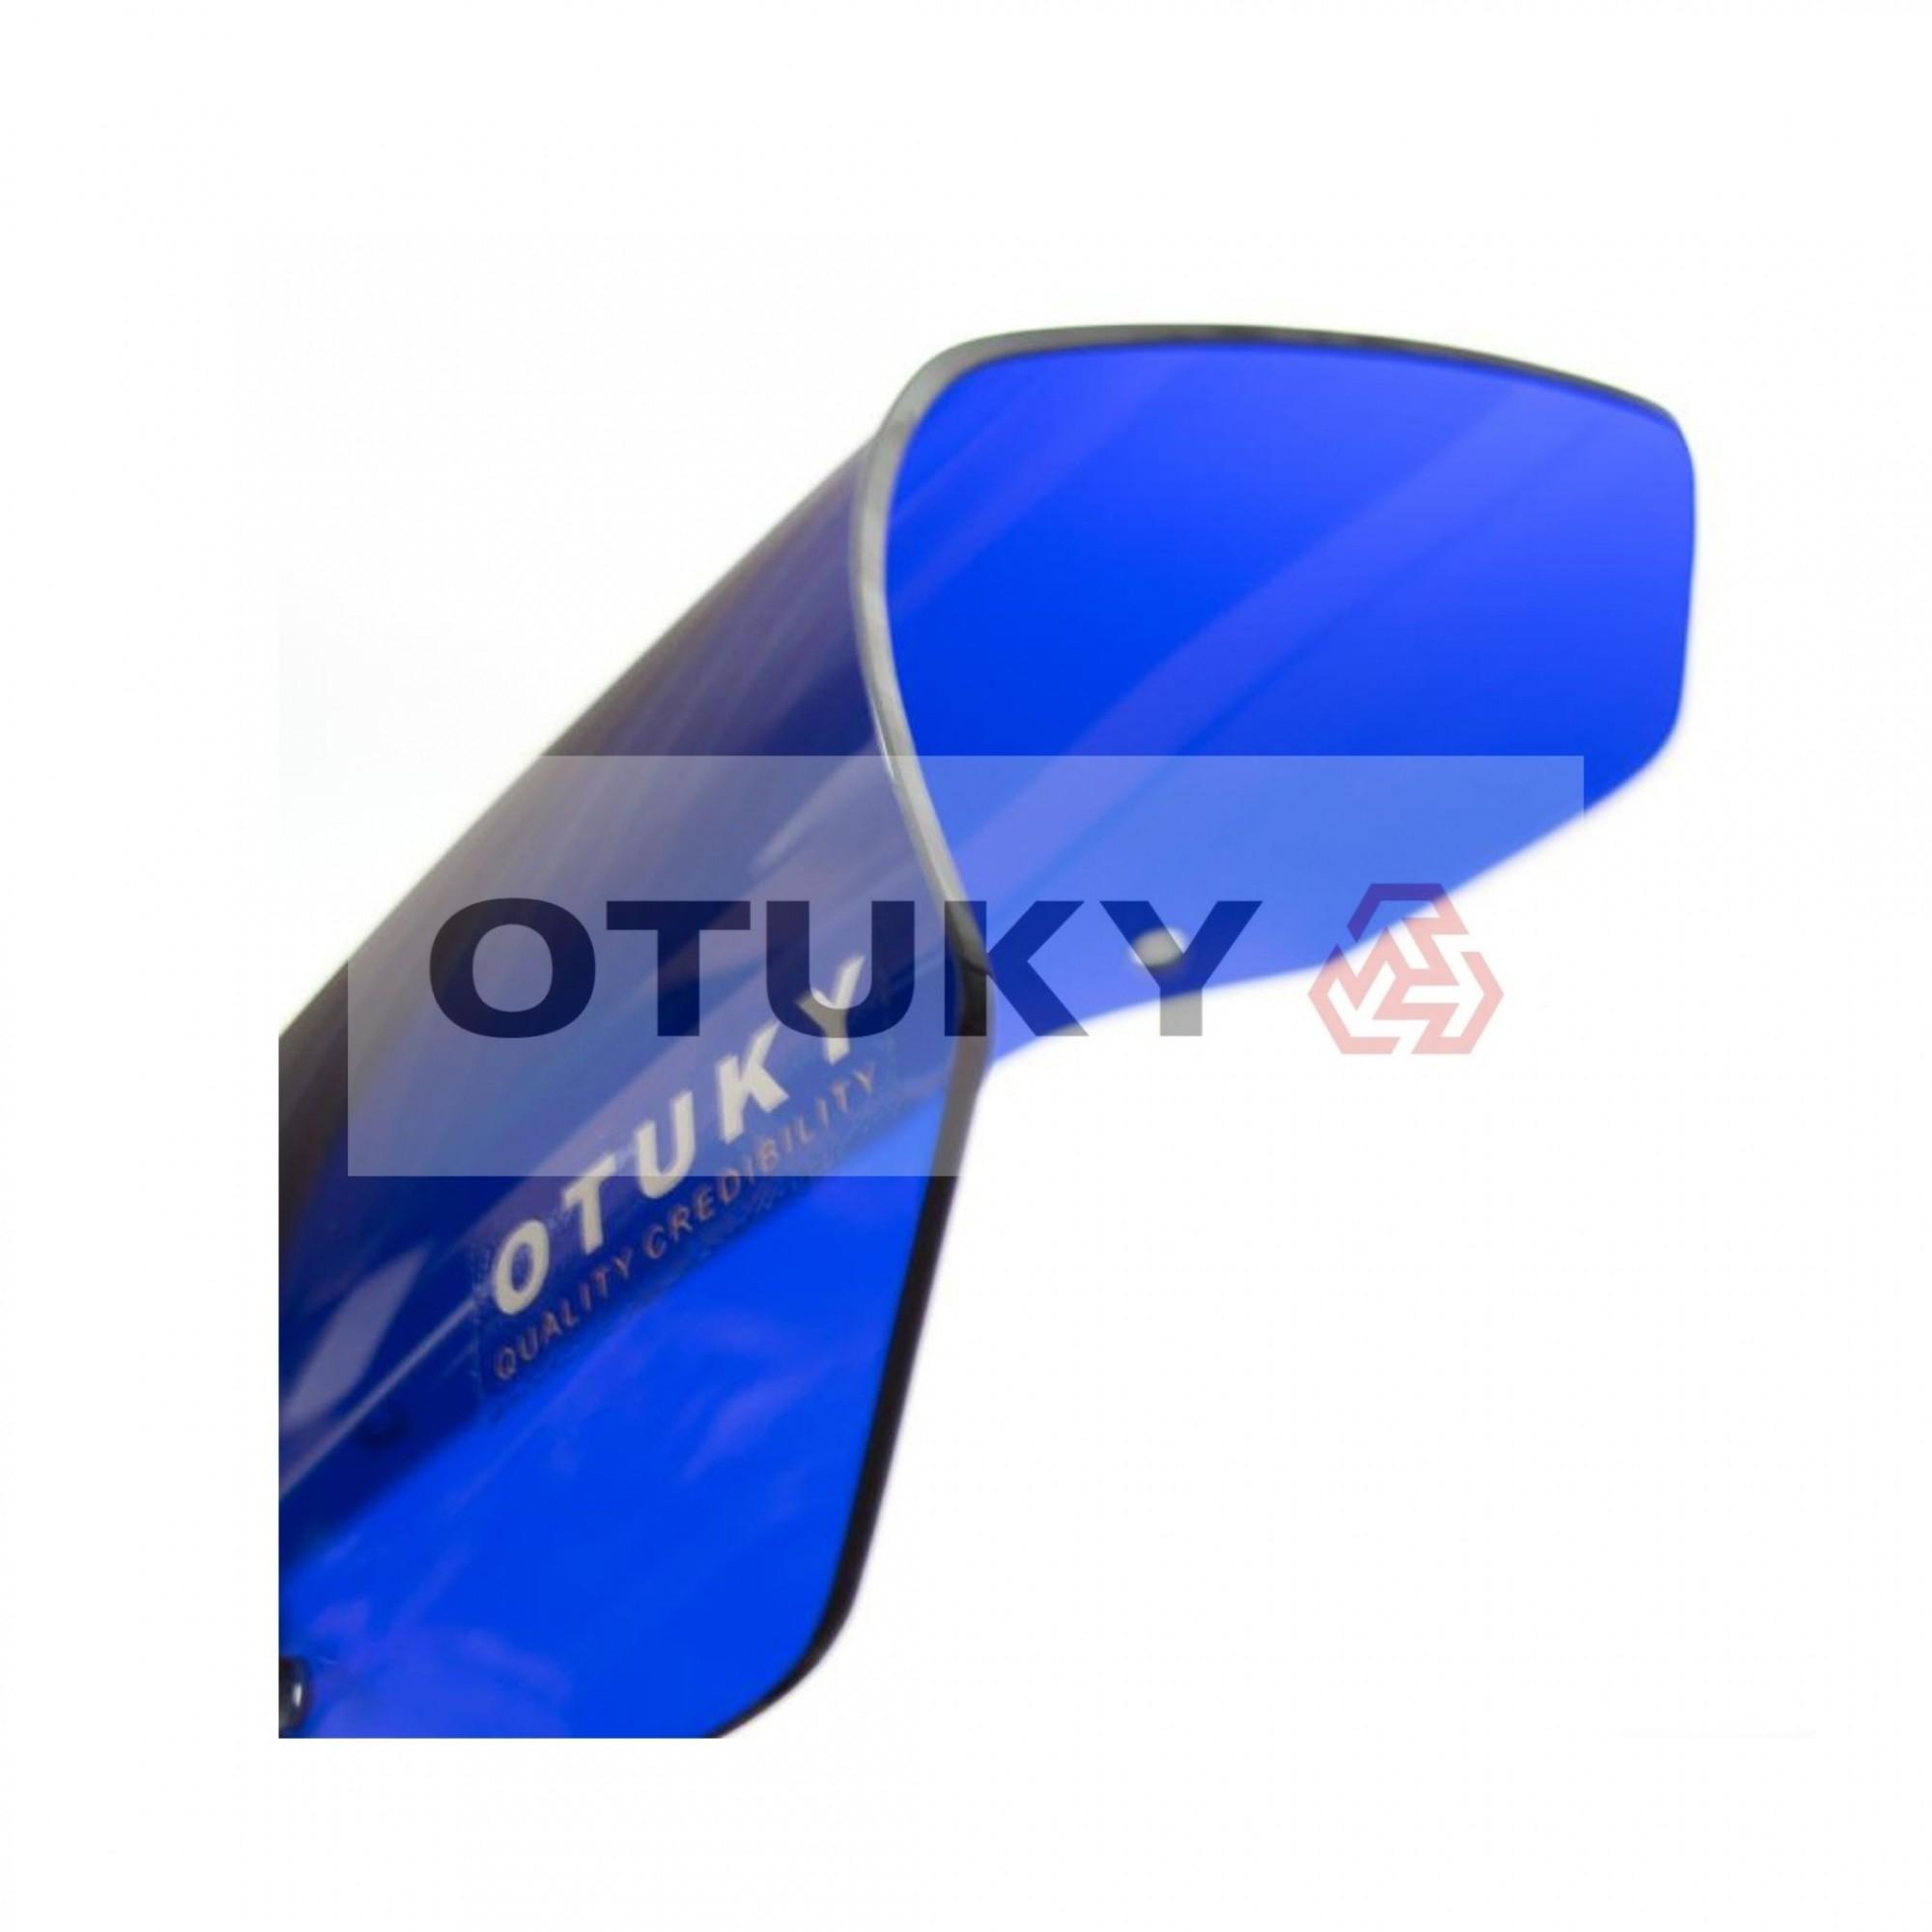 Bolha para Moto XT 660 R 2005 2006 2007 2008 2009 2010 2011 2012 2013 2014 2015 2016 2017 2018 Padrão Azul-Escuro